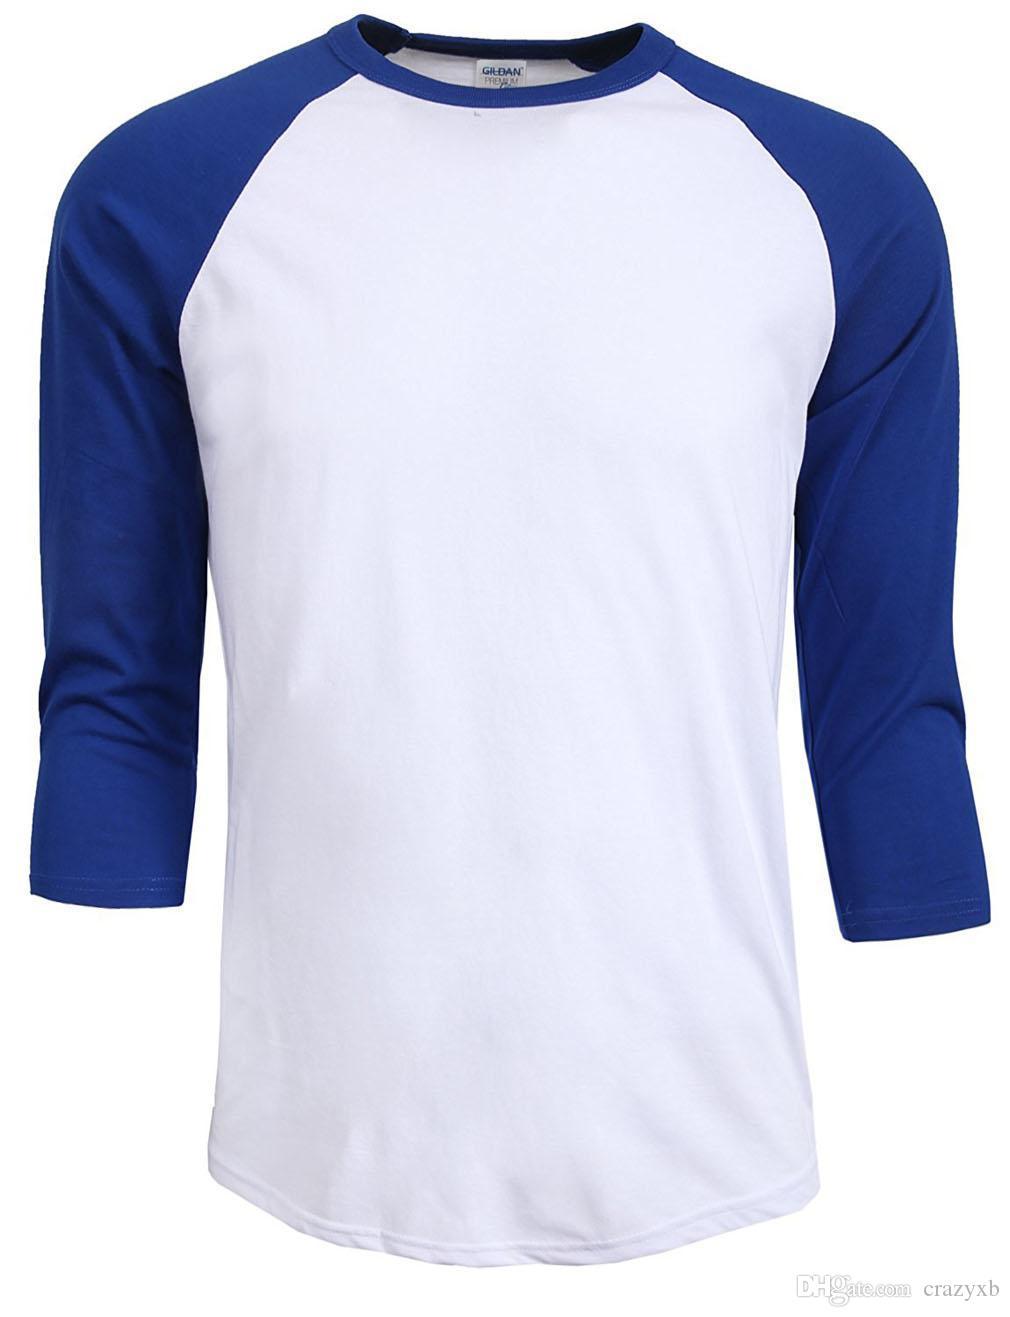 новая мода 2017 горячие продажа лето осень мужчины О-образным вырезом 100% хлопок футболки мужская повседневная 3/4 рукав футболки реглан Джерси рубашка человек